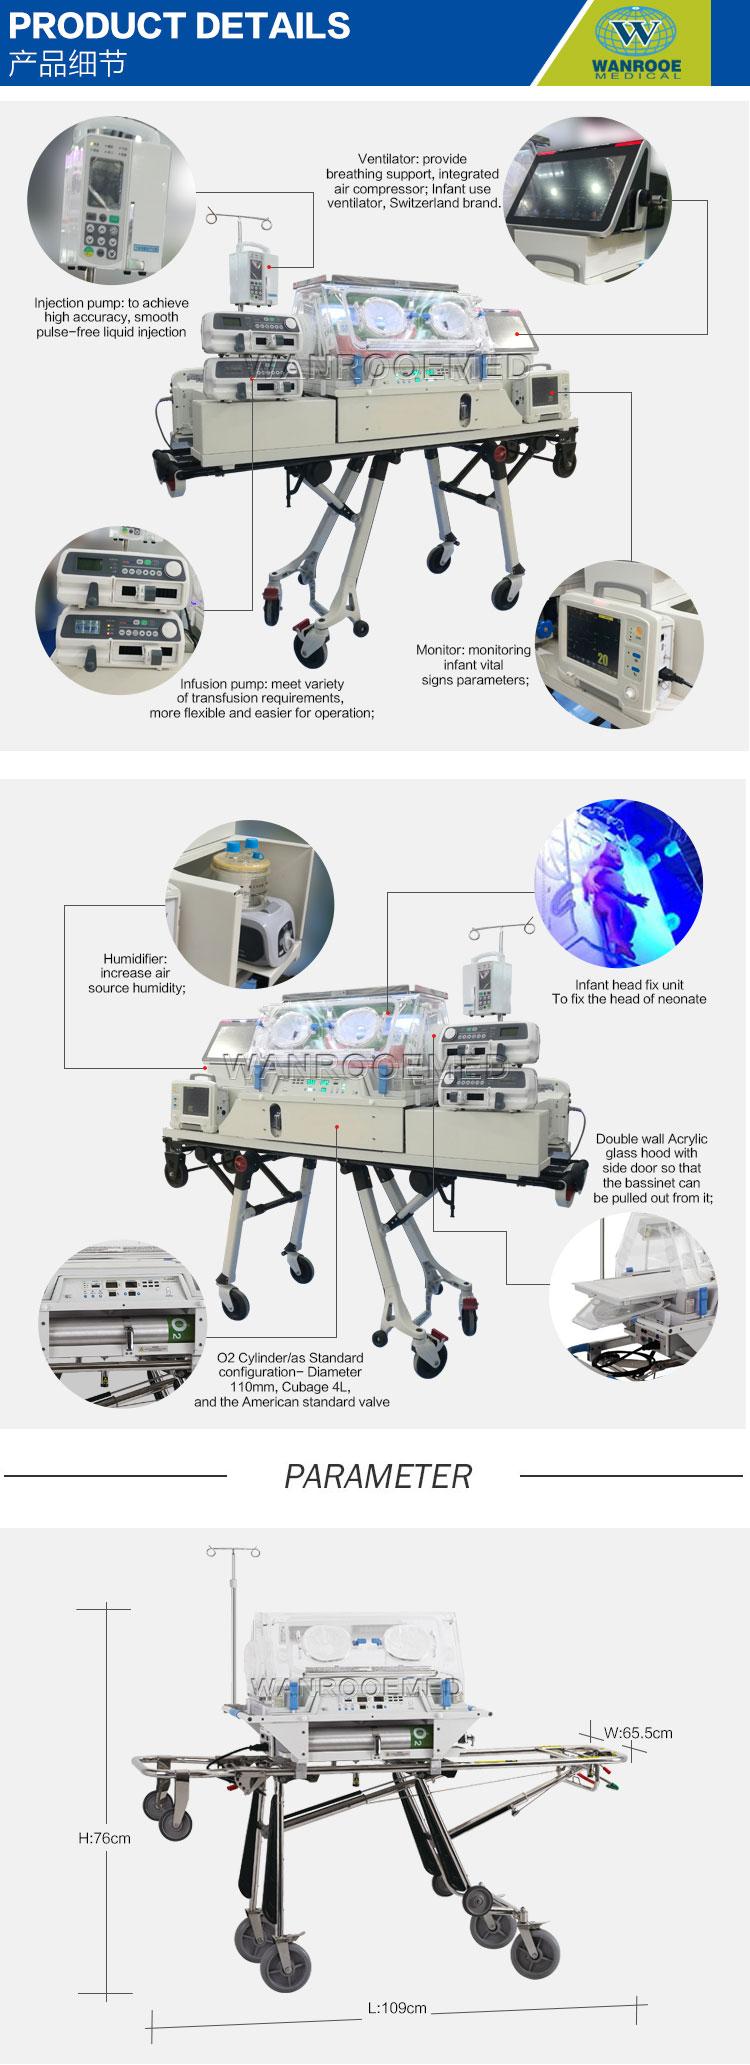 incubator,infant incubator,infant transport incubator,incubator baby,transport incubator